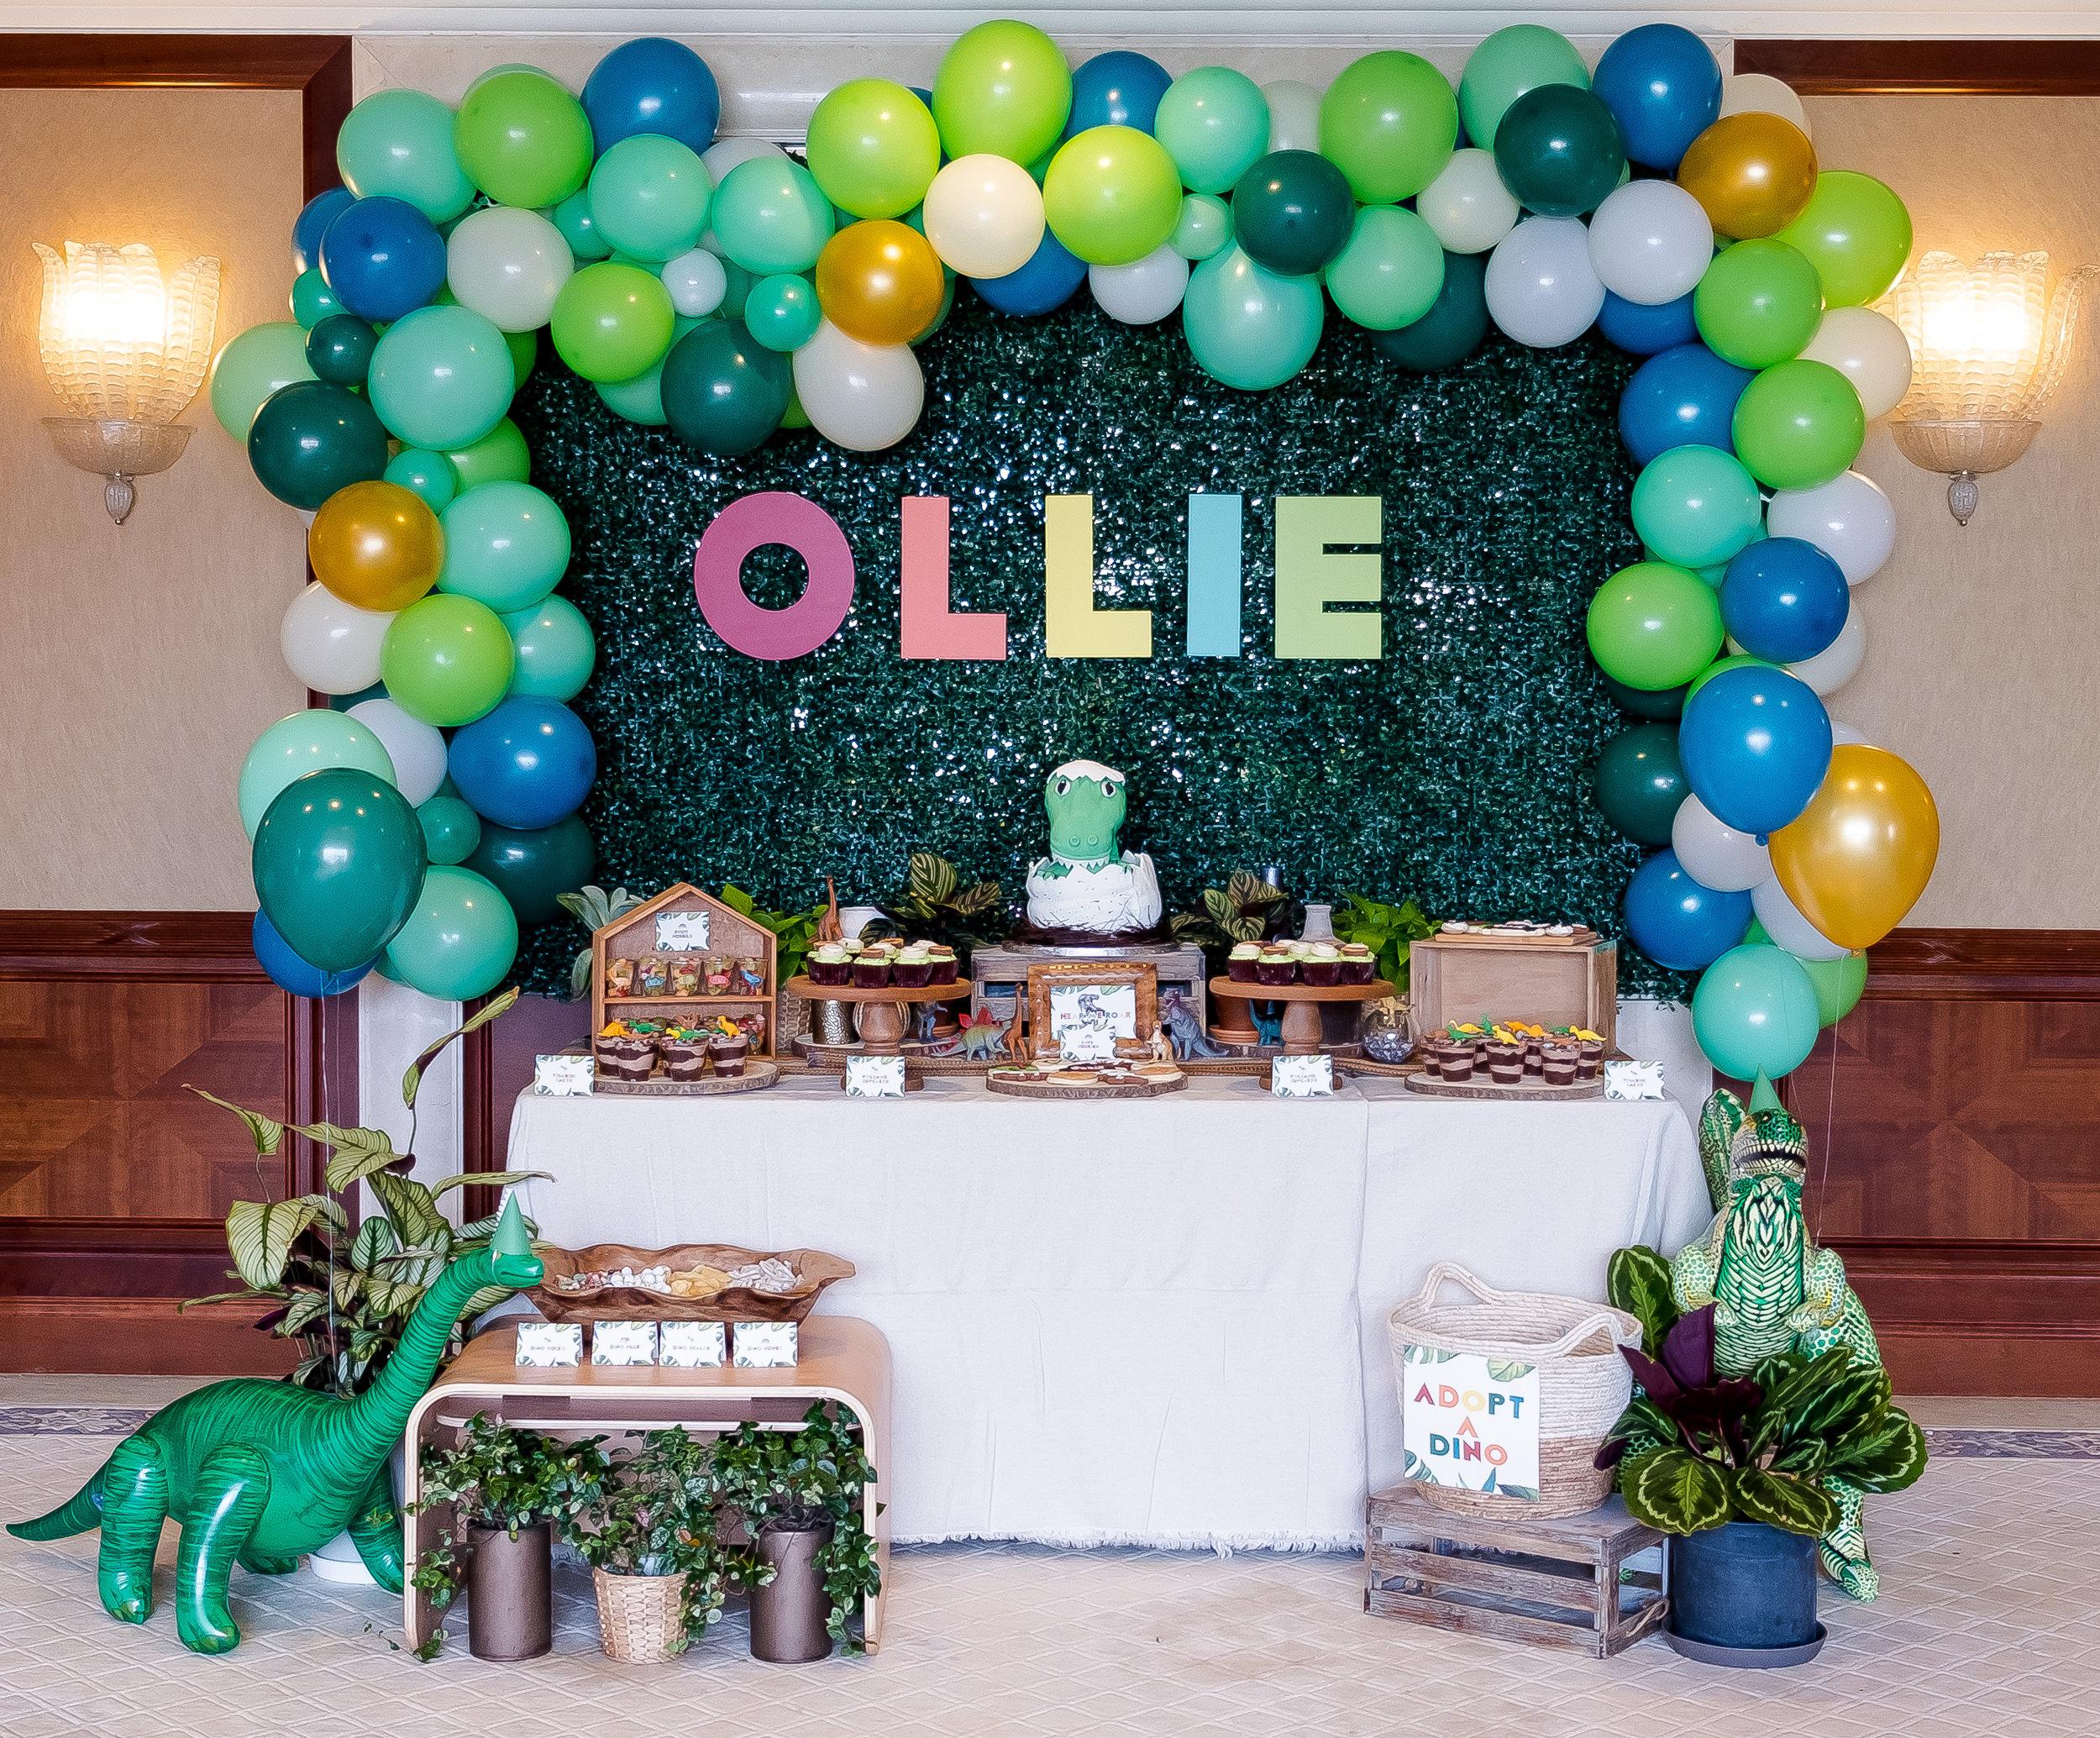 Ollie-36.jpg